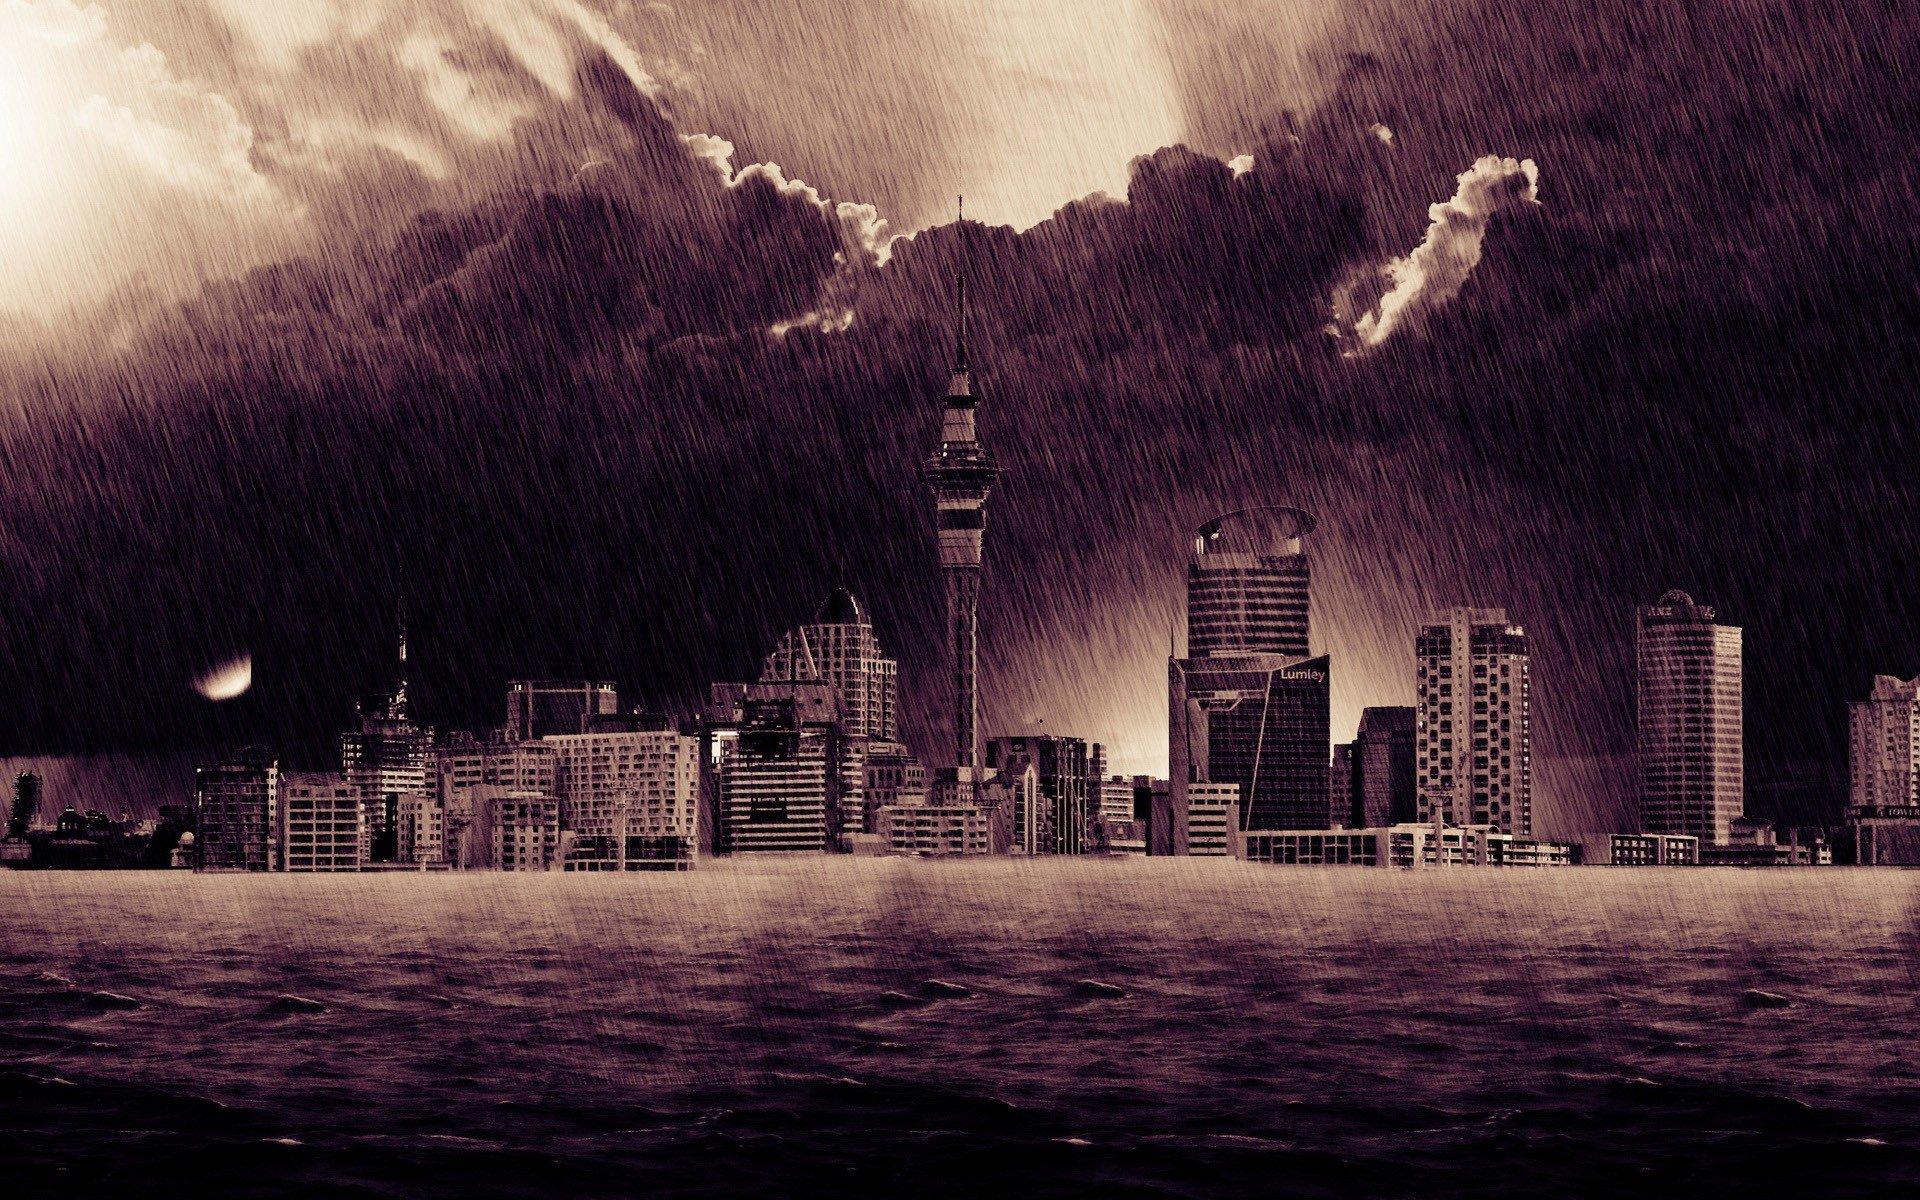 rainy day 4k wallpaper - photo #26